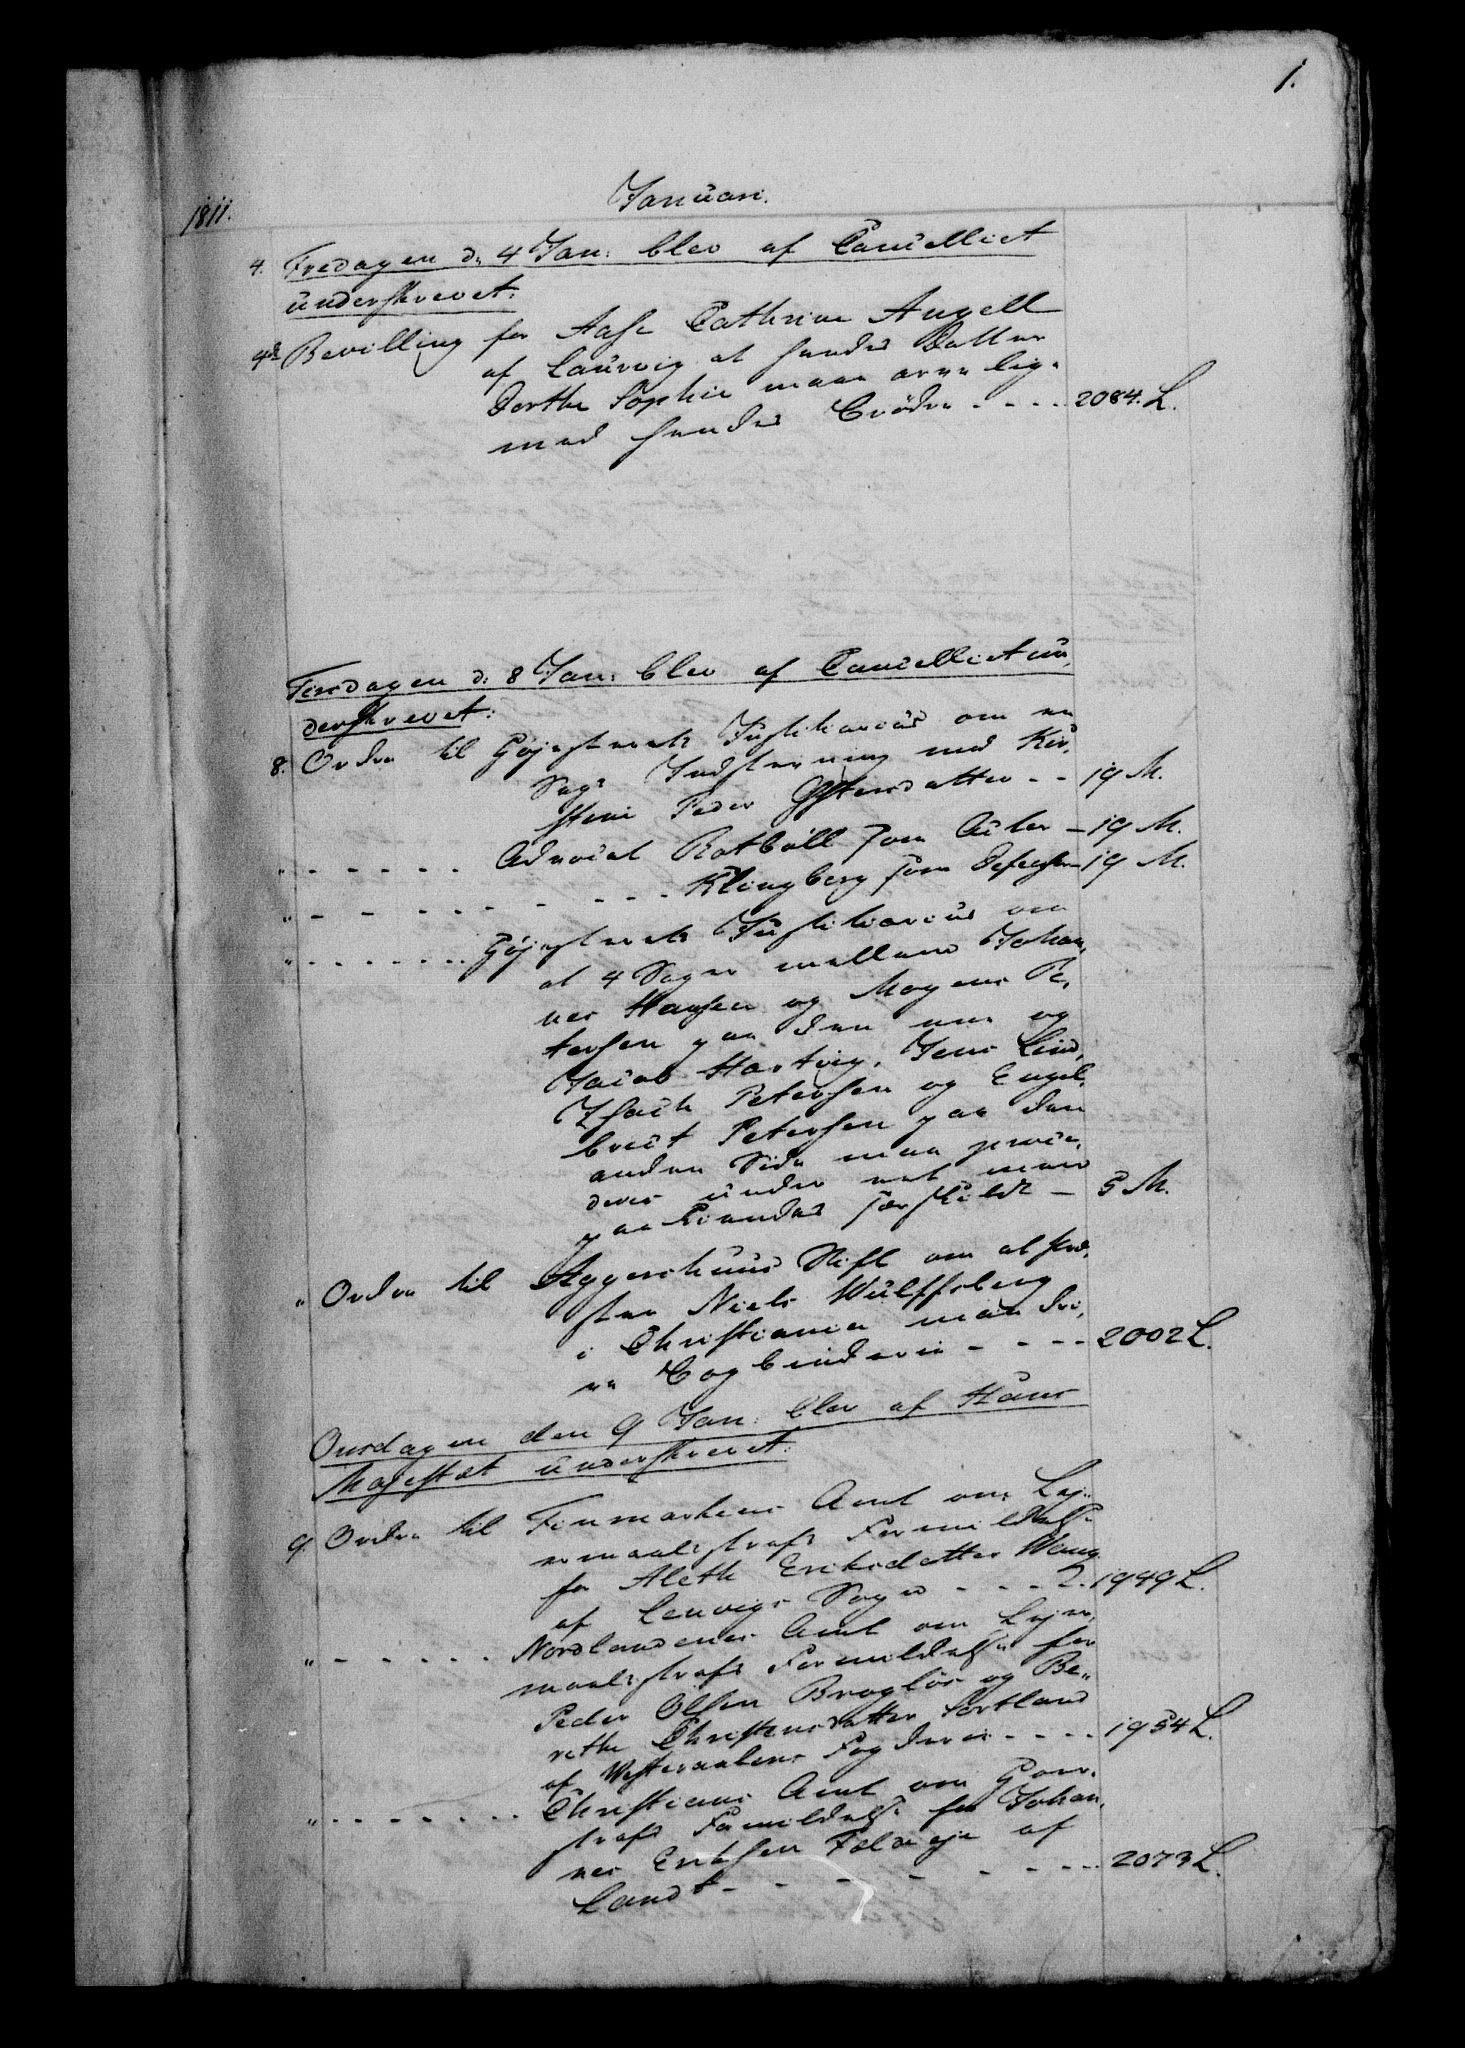 RA, Danske Kanselli 1800-1814, H/Hf/Hfb/Hfbc/L0012: Underskrivelsesbok m. register, 1811, s. 1